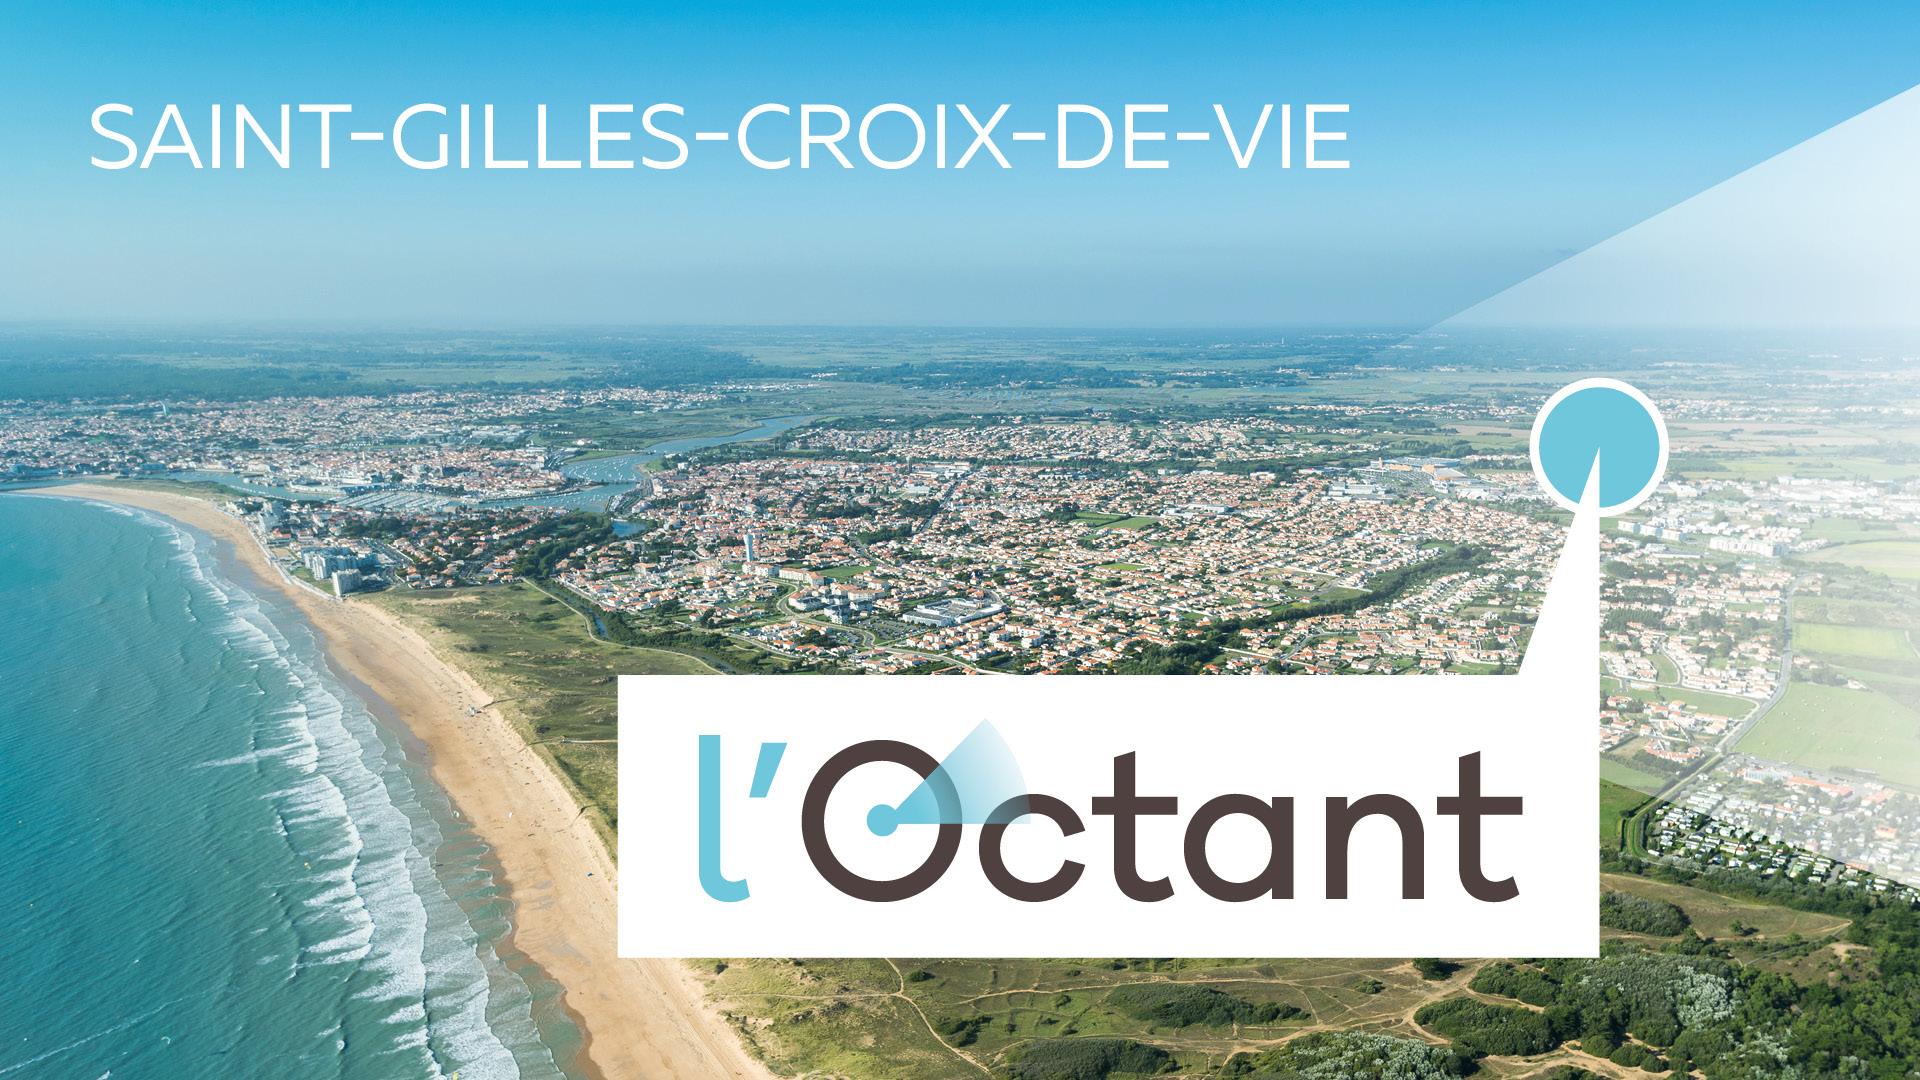 Vue panoramique Saint-Gilles-Croix-de-Vie